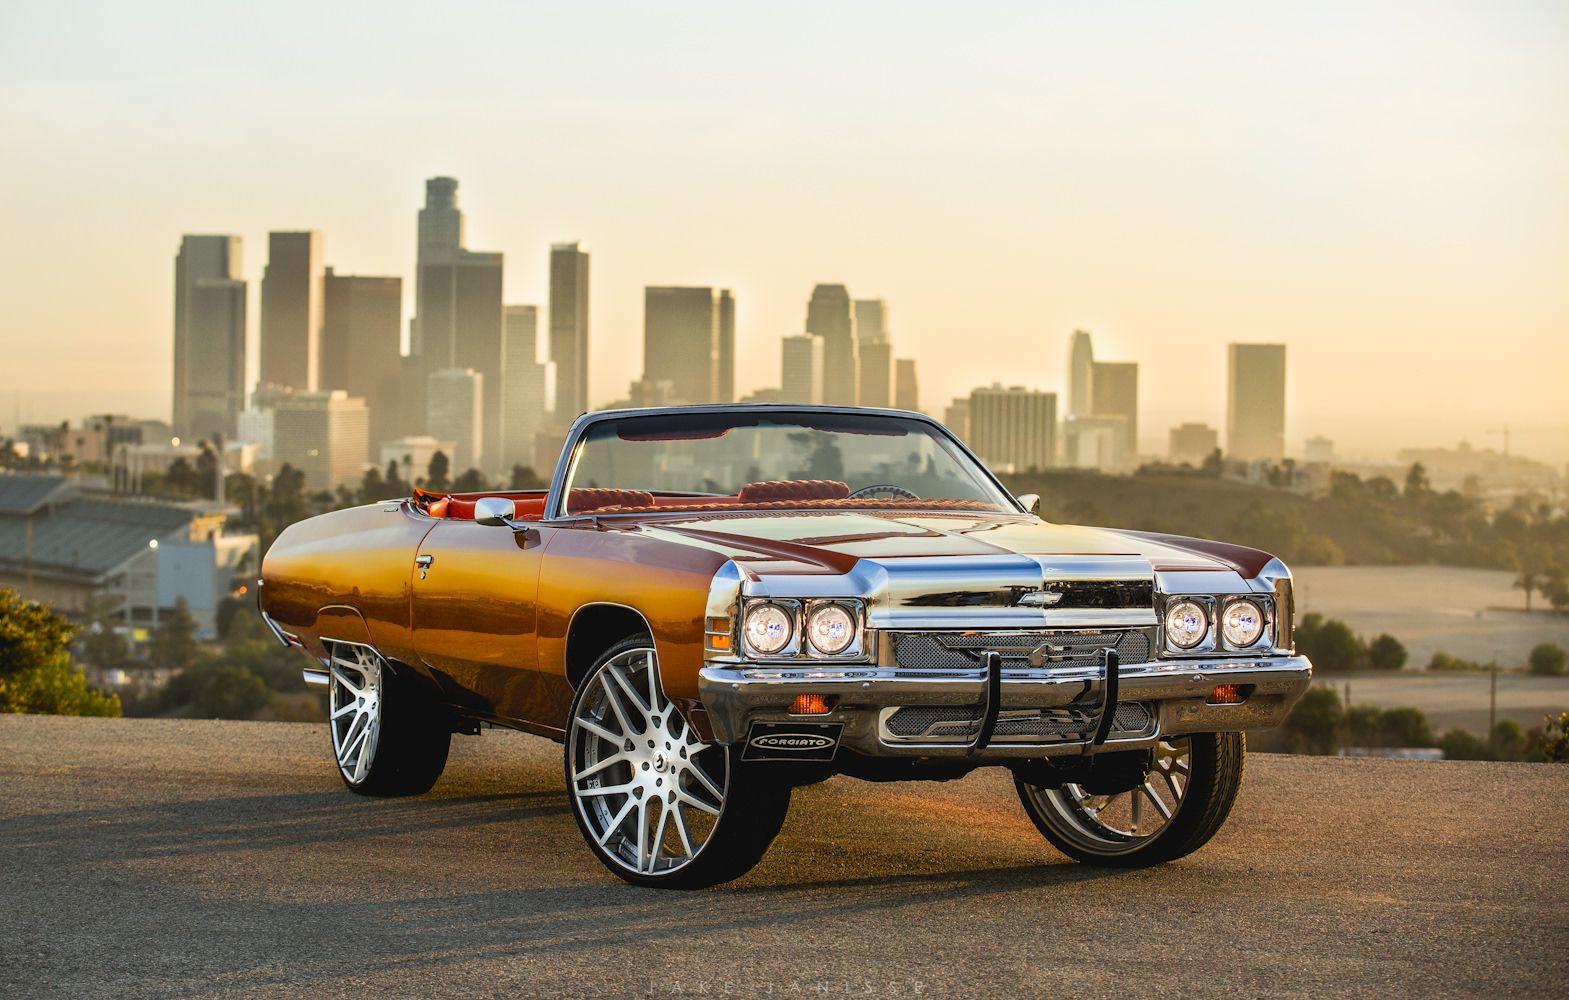 30 Inch Rims On Impala Tyga S Chevy Impala On 28 Forgiato S